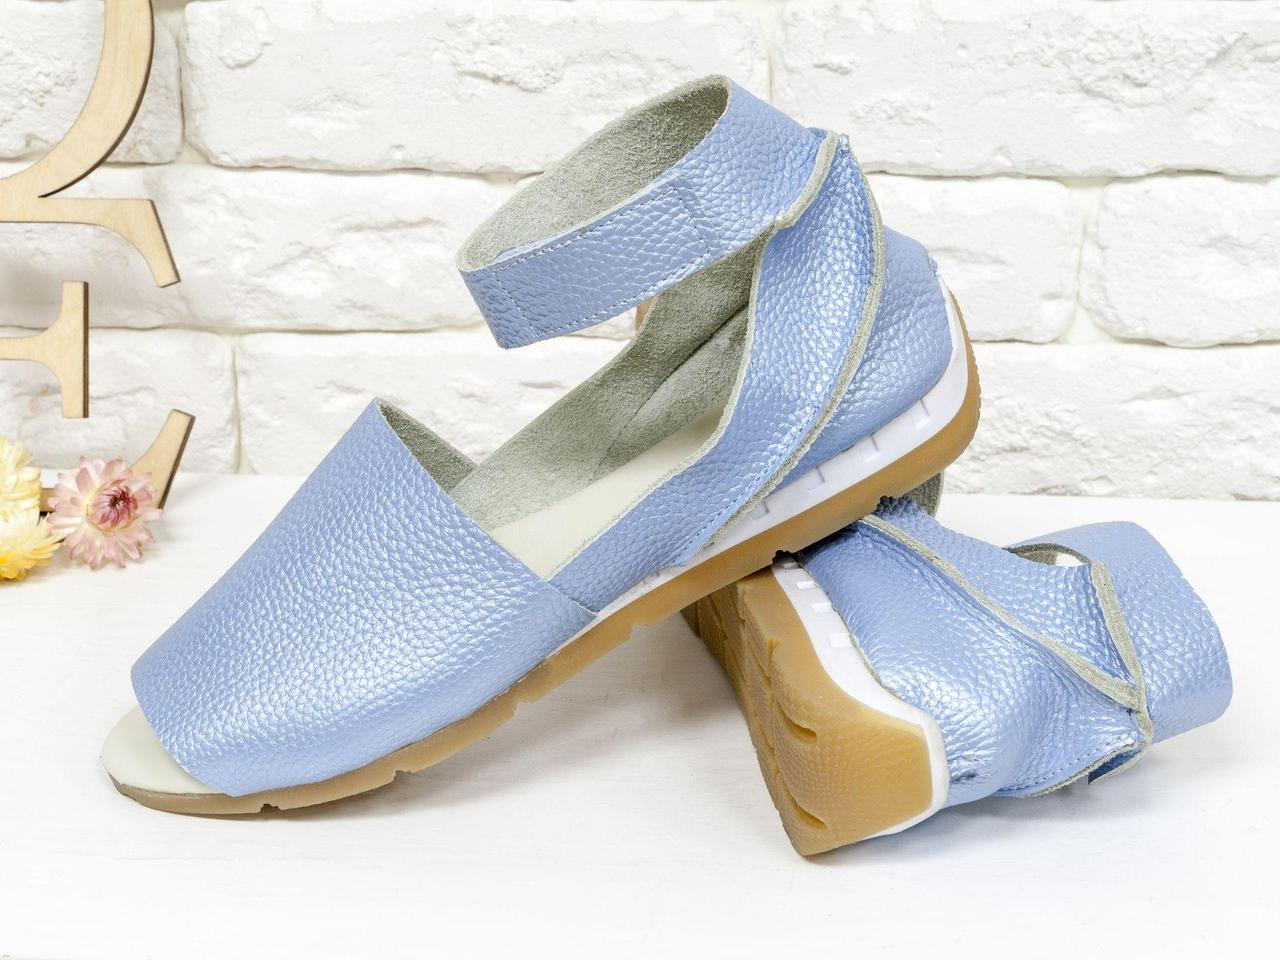 Удобные и легкие босоножки с открытым носиком из натуральной кожи флотар нежно-голубого цвета с перламутровым